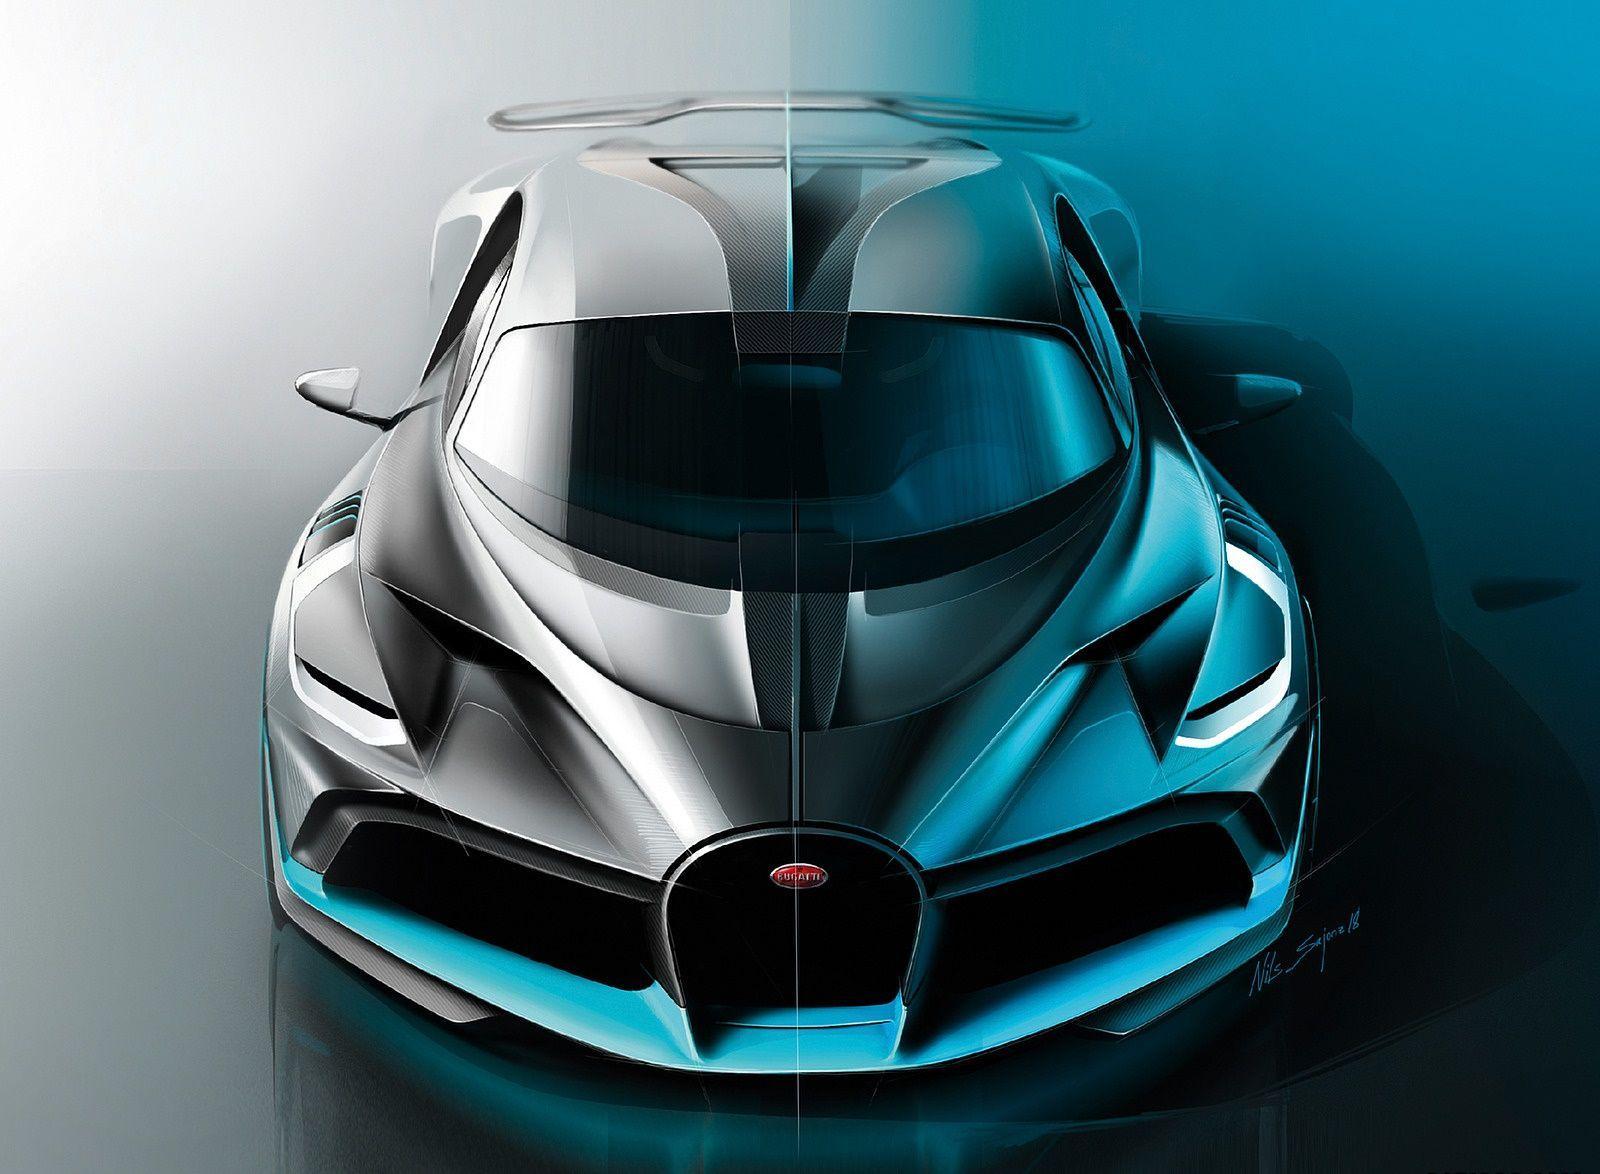 Bugatti Divo Wallpapers - Top Free Bugatti Divo Backgrounds - WallpaperAccess